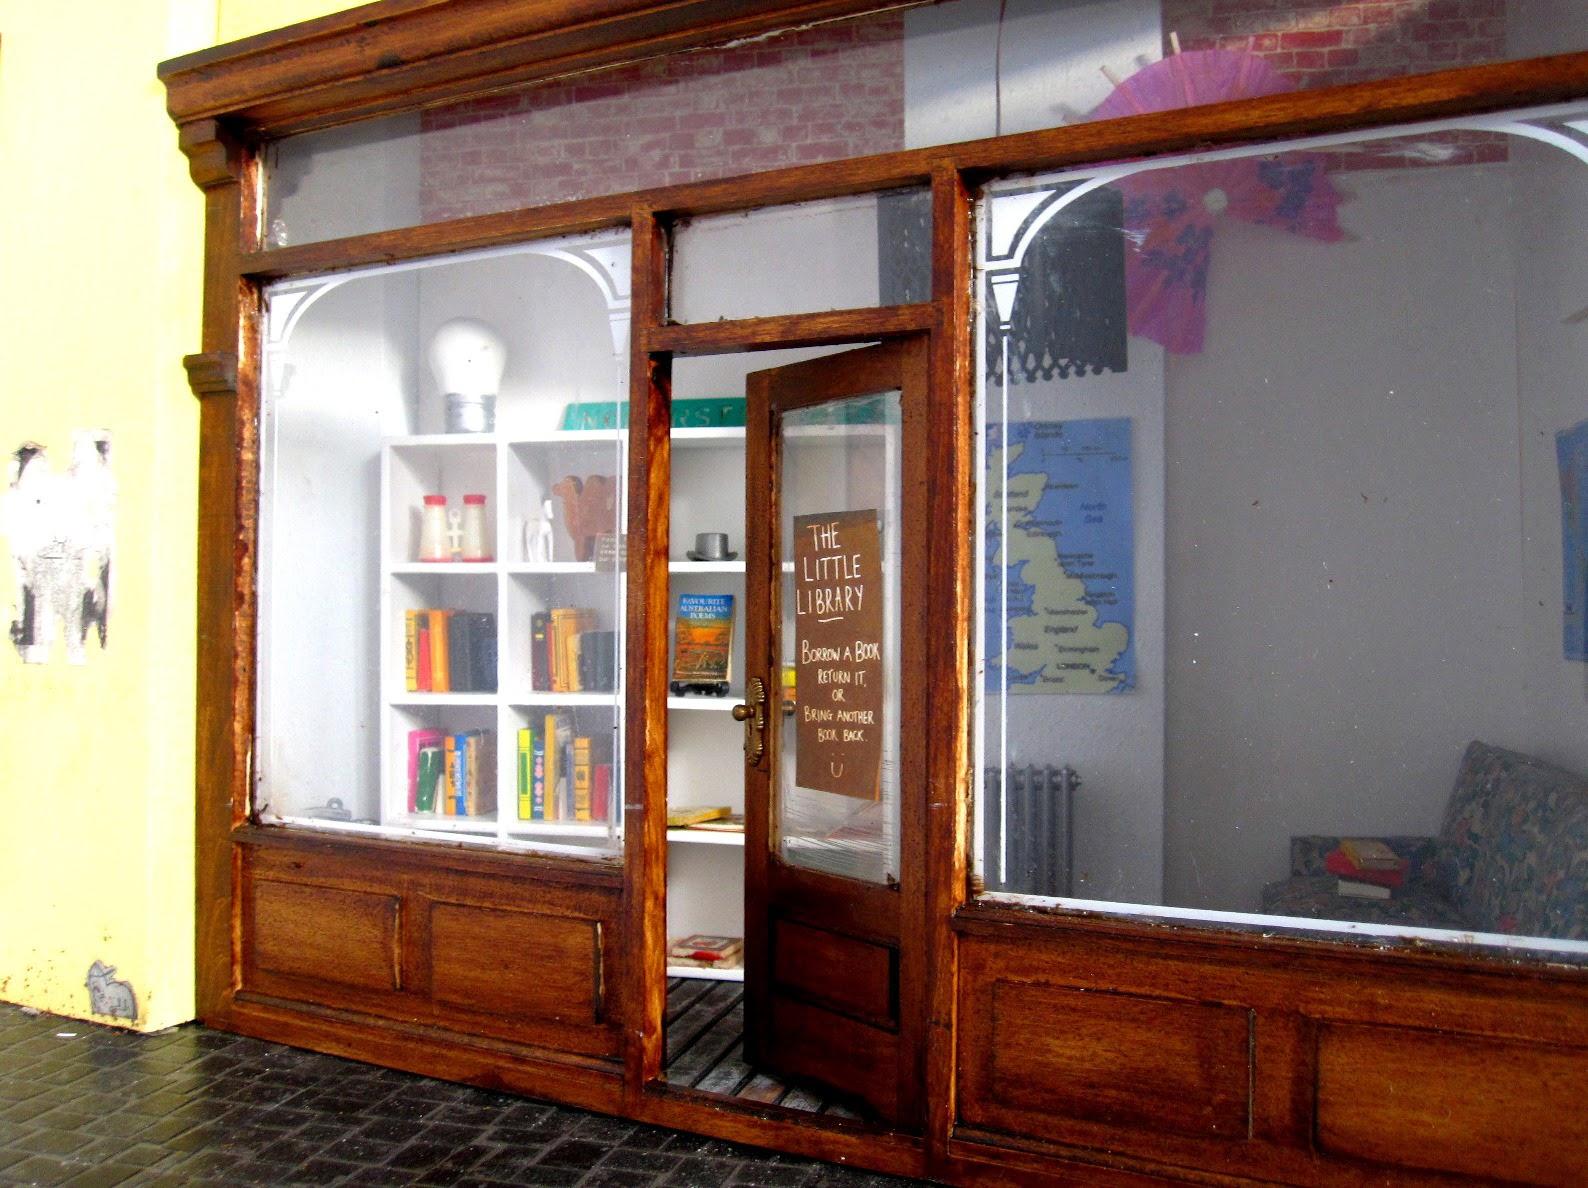 Modern dolls' house miniature pop-up Little Library.